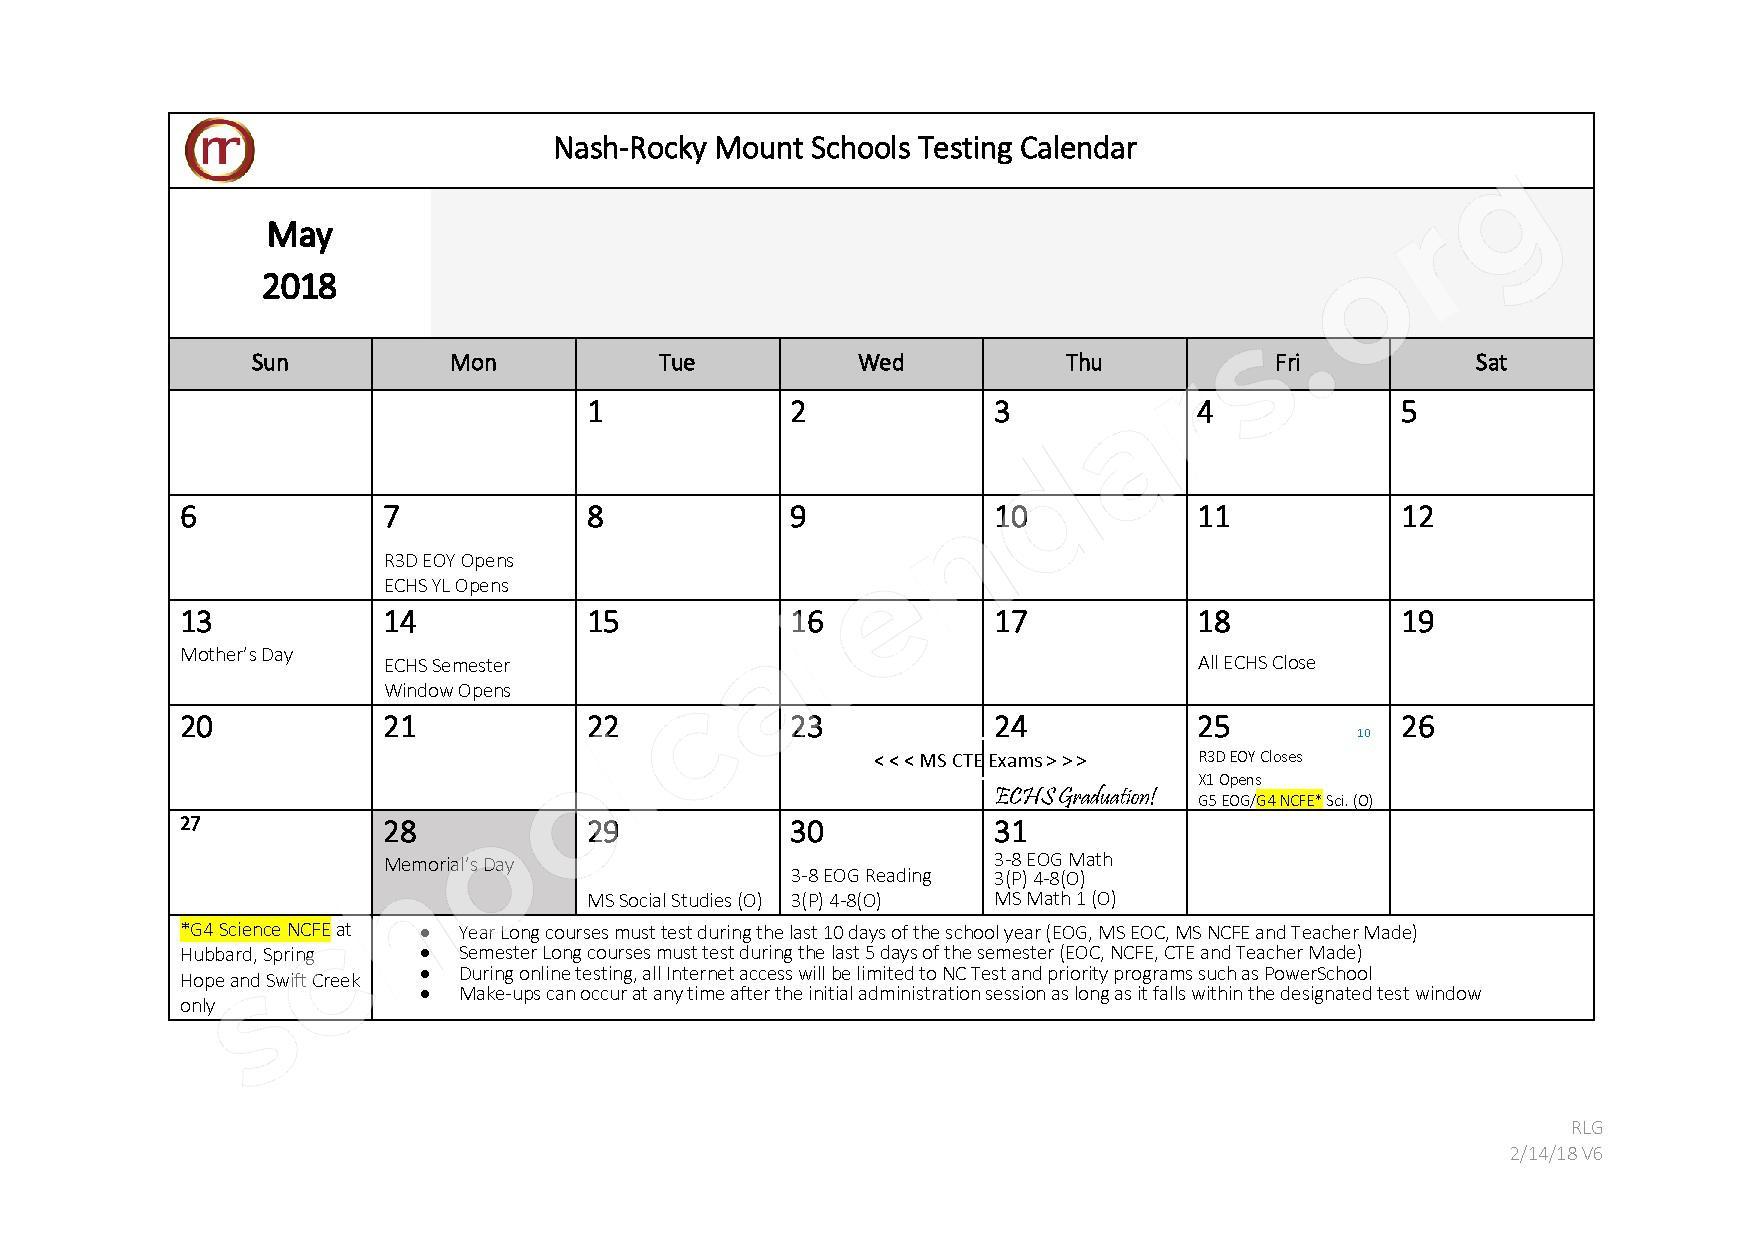 2017 - 2018 Testing Calendar – Nash-Rocky Mount Public Schools – page 10